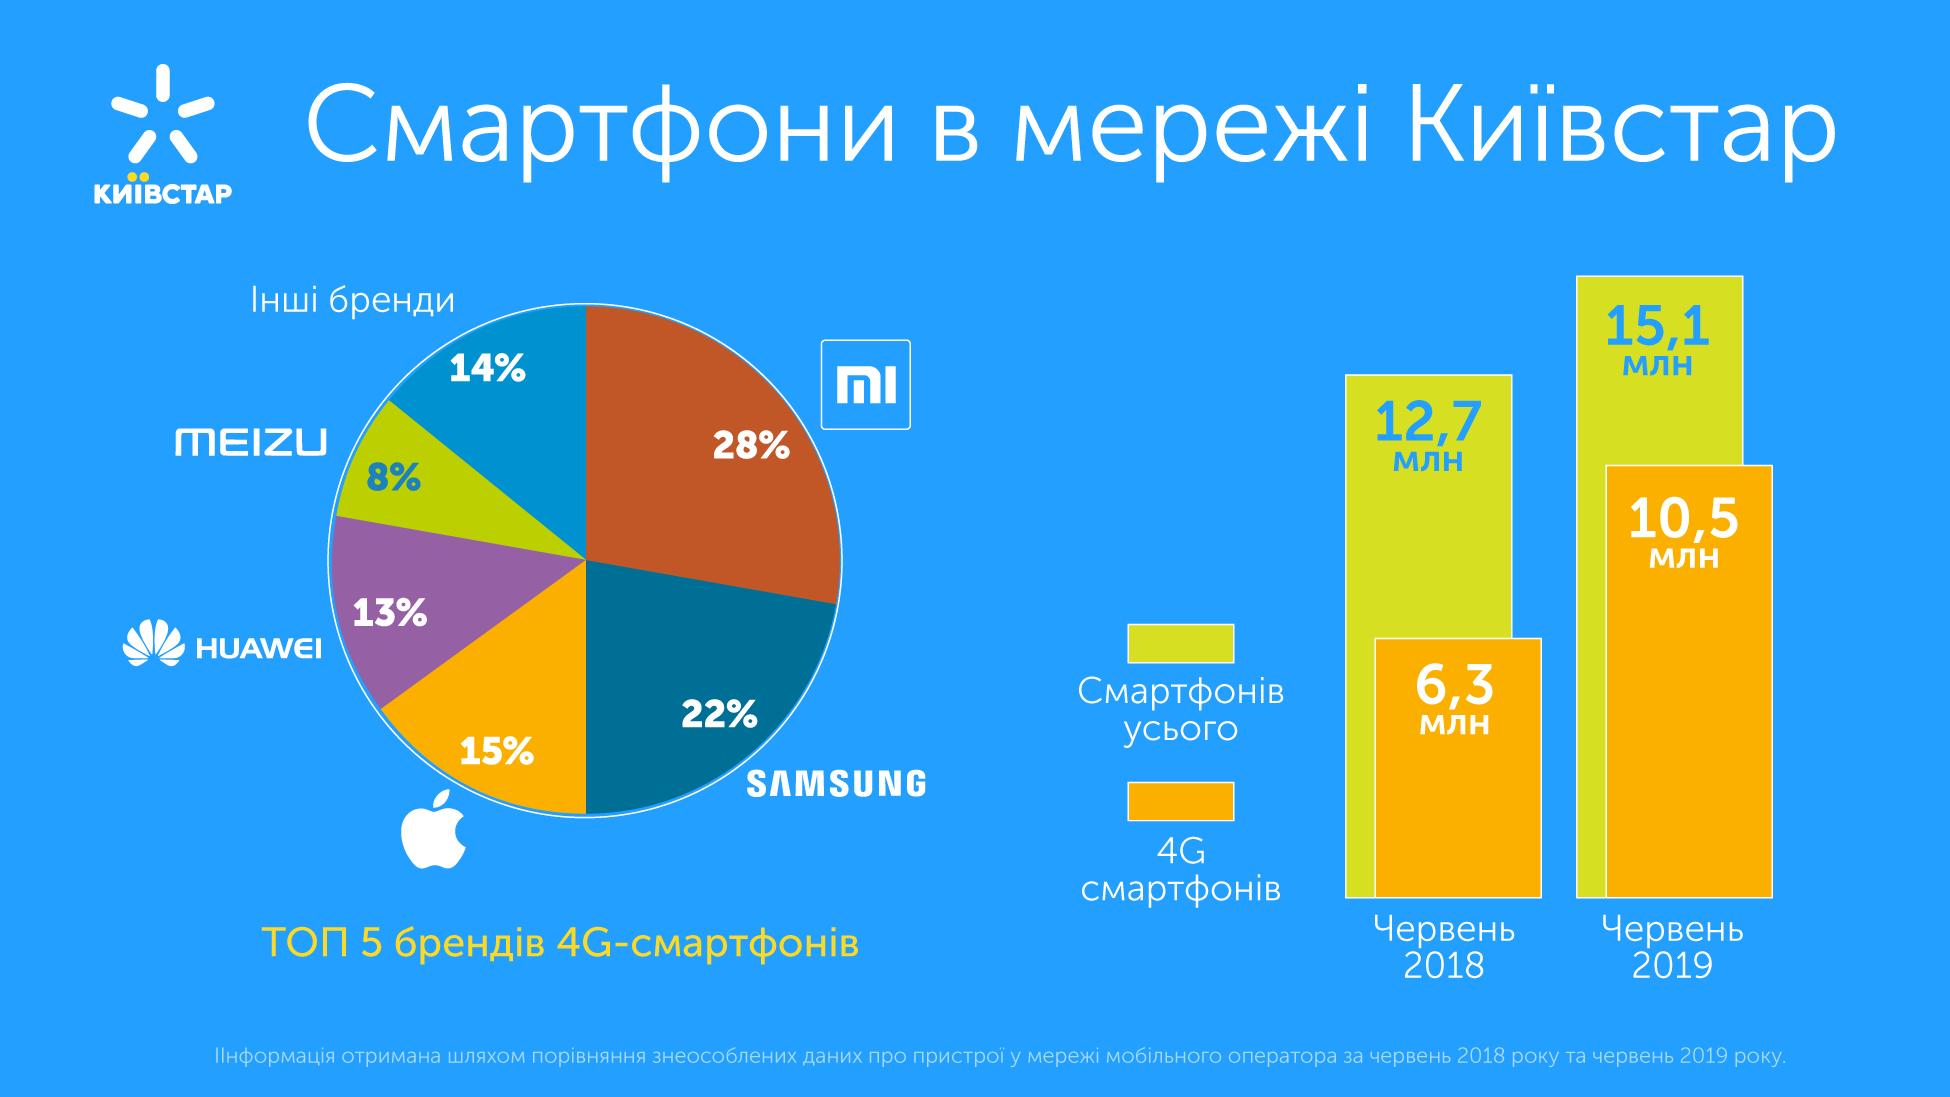 4G смартфоны в сети Киевстар